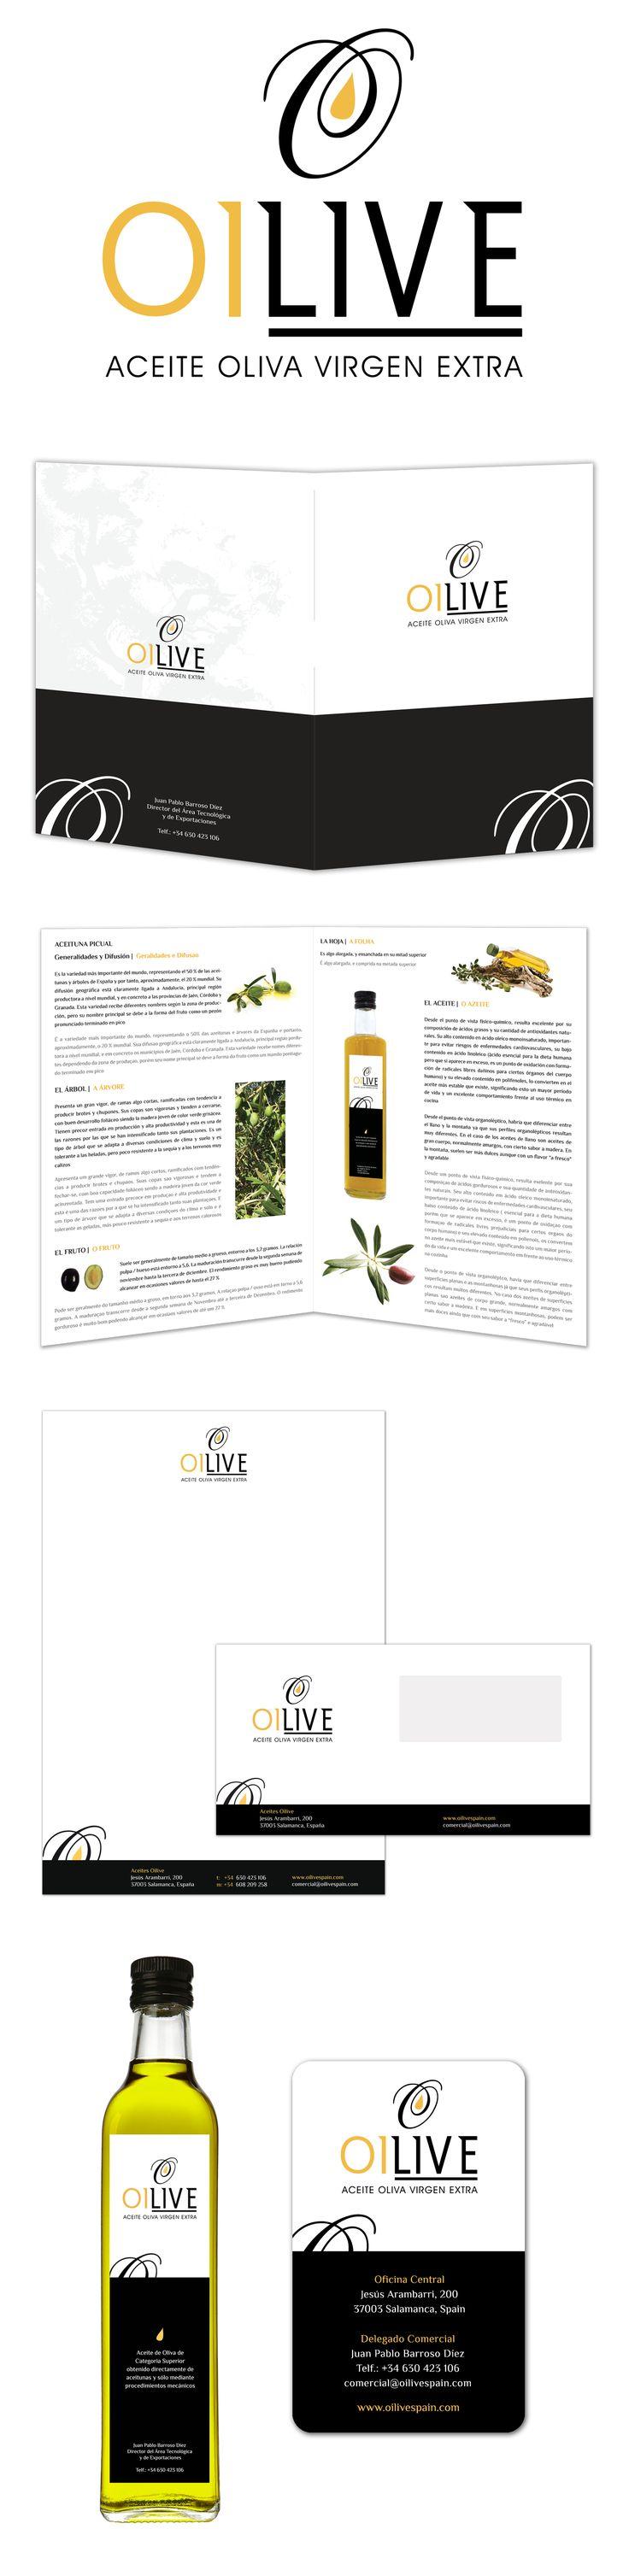 Diseño de imagen corporativa completa, etiquetas botellas y flyer promocional de Oilive